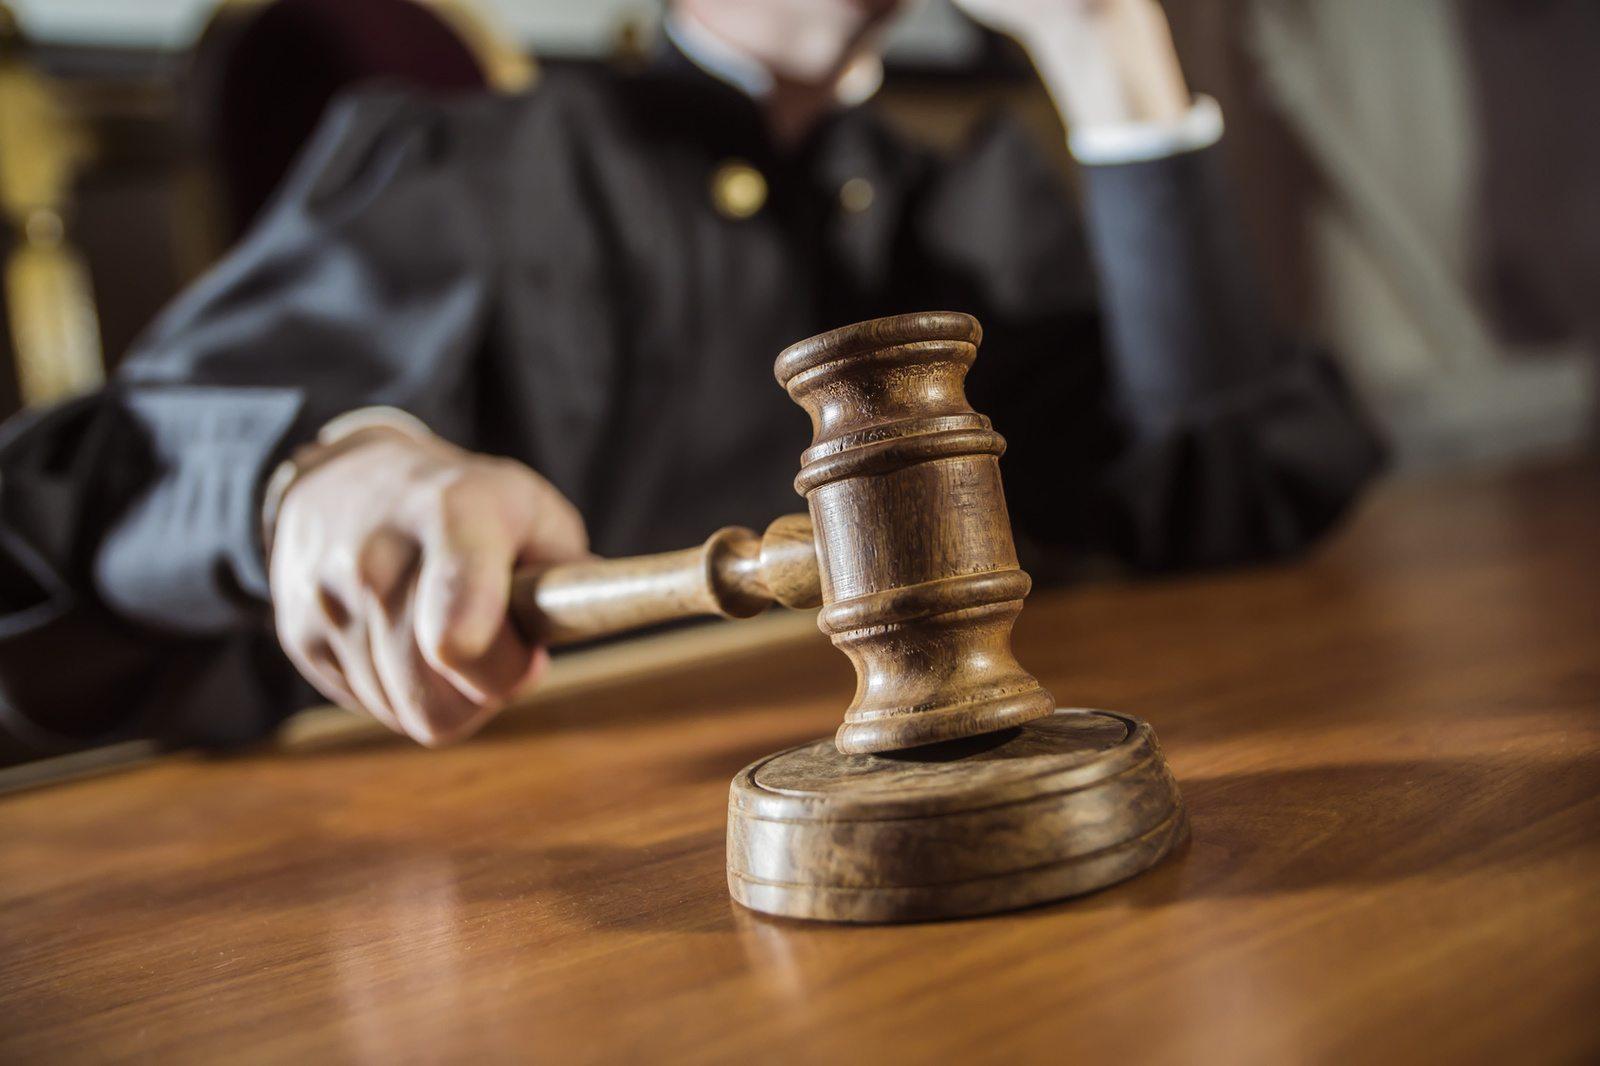 На Херсонщине прокуратура добилась возвращения местному совету полумиллиона гривен